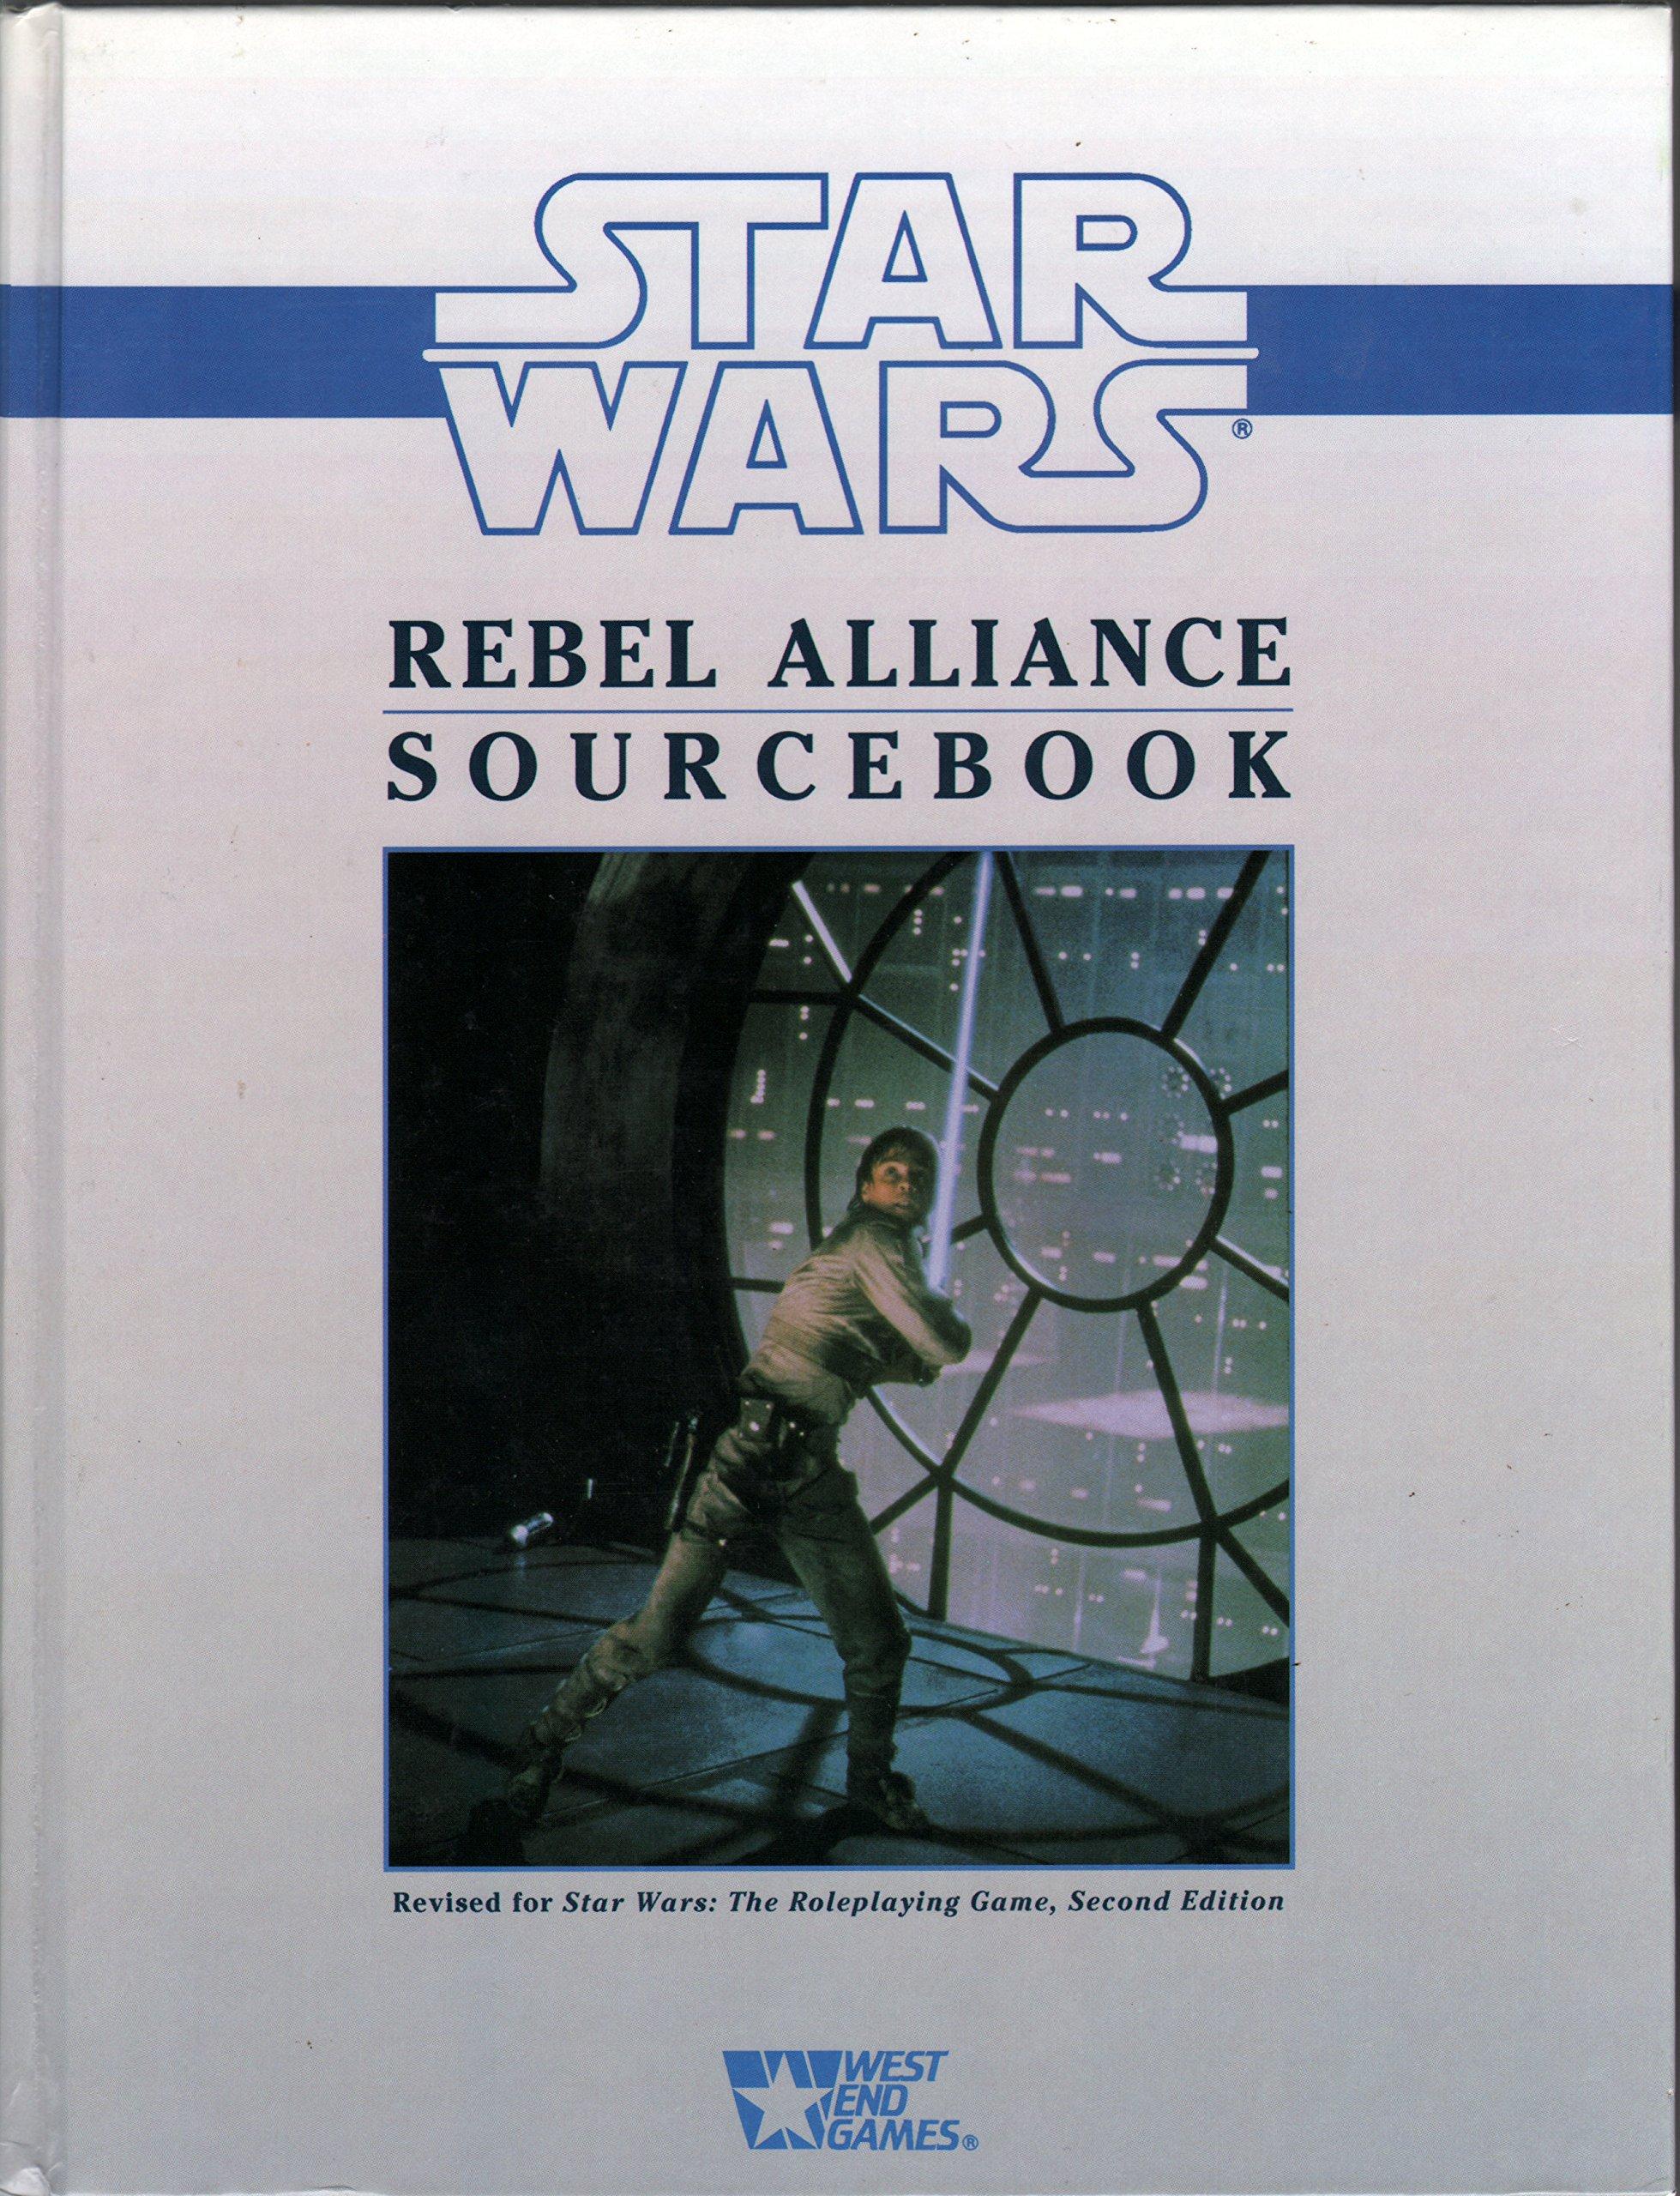 Star Wars Rebel Alliance Sourcebook, Second Edition